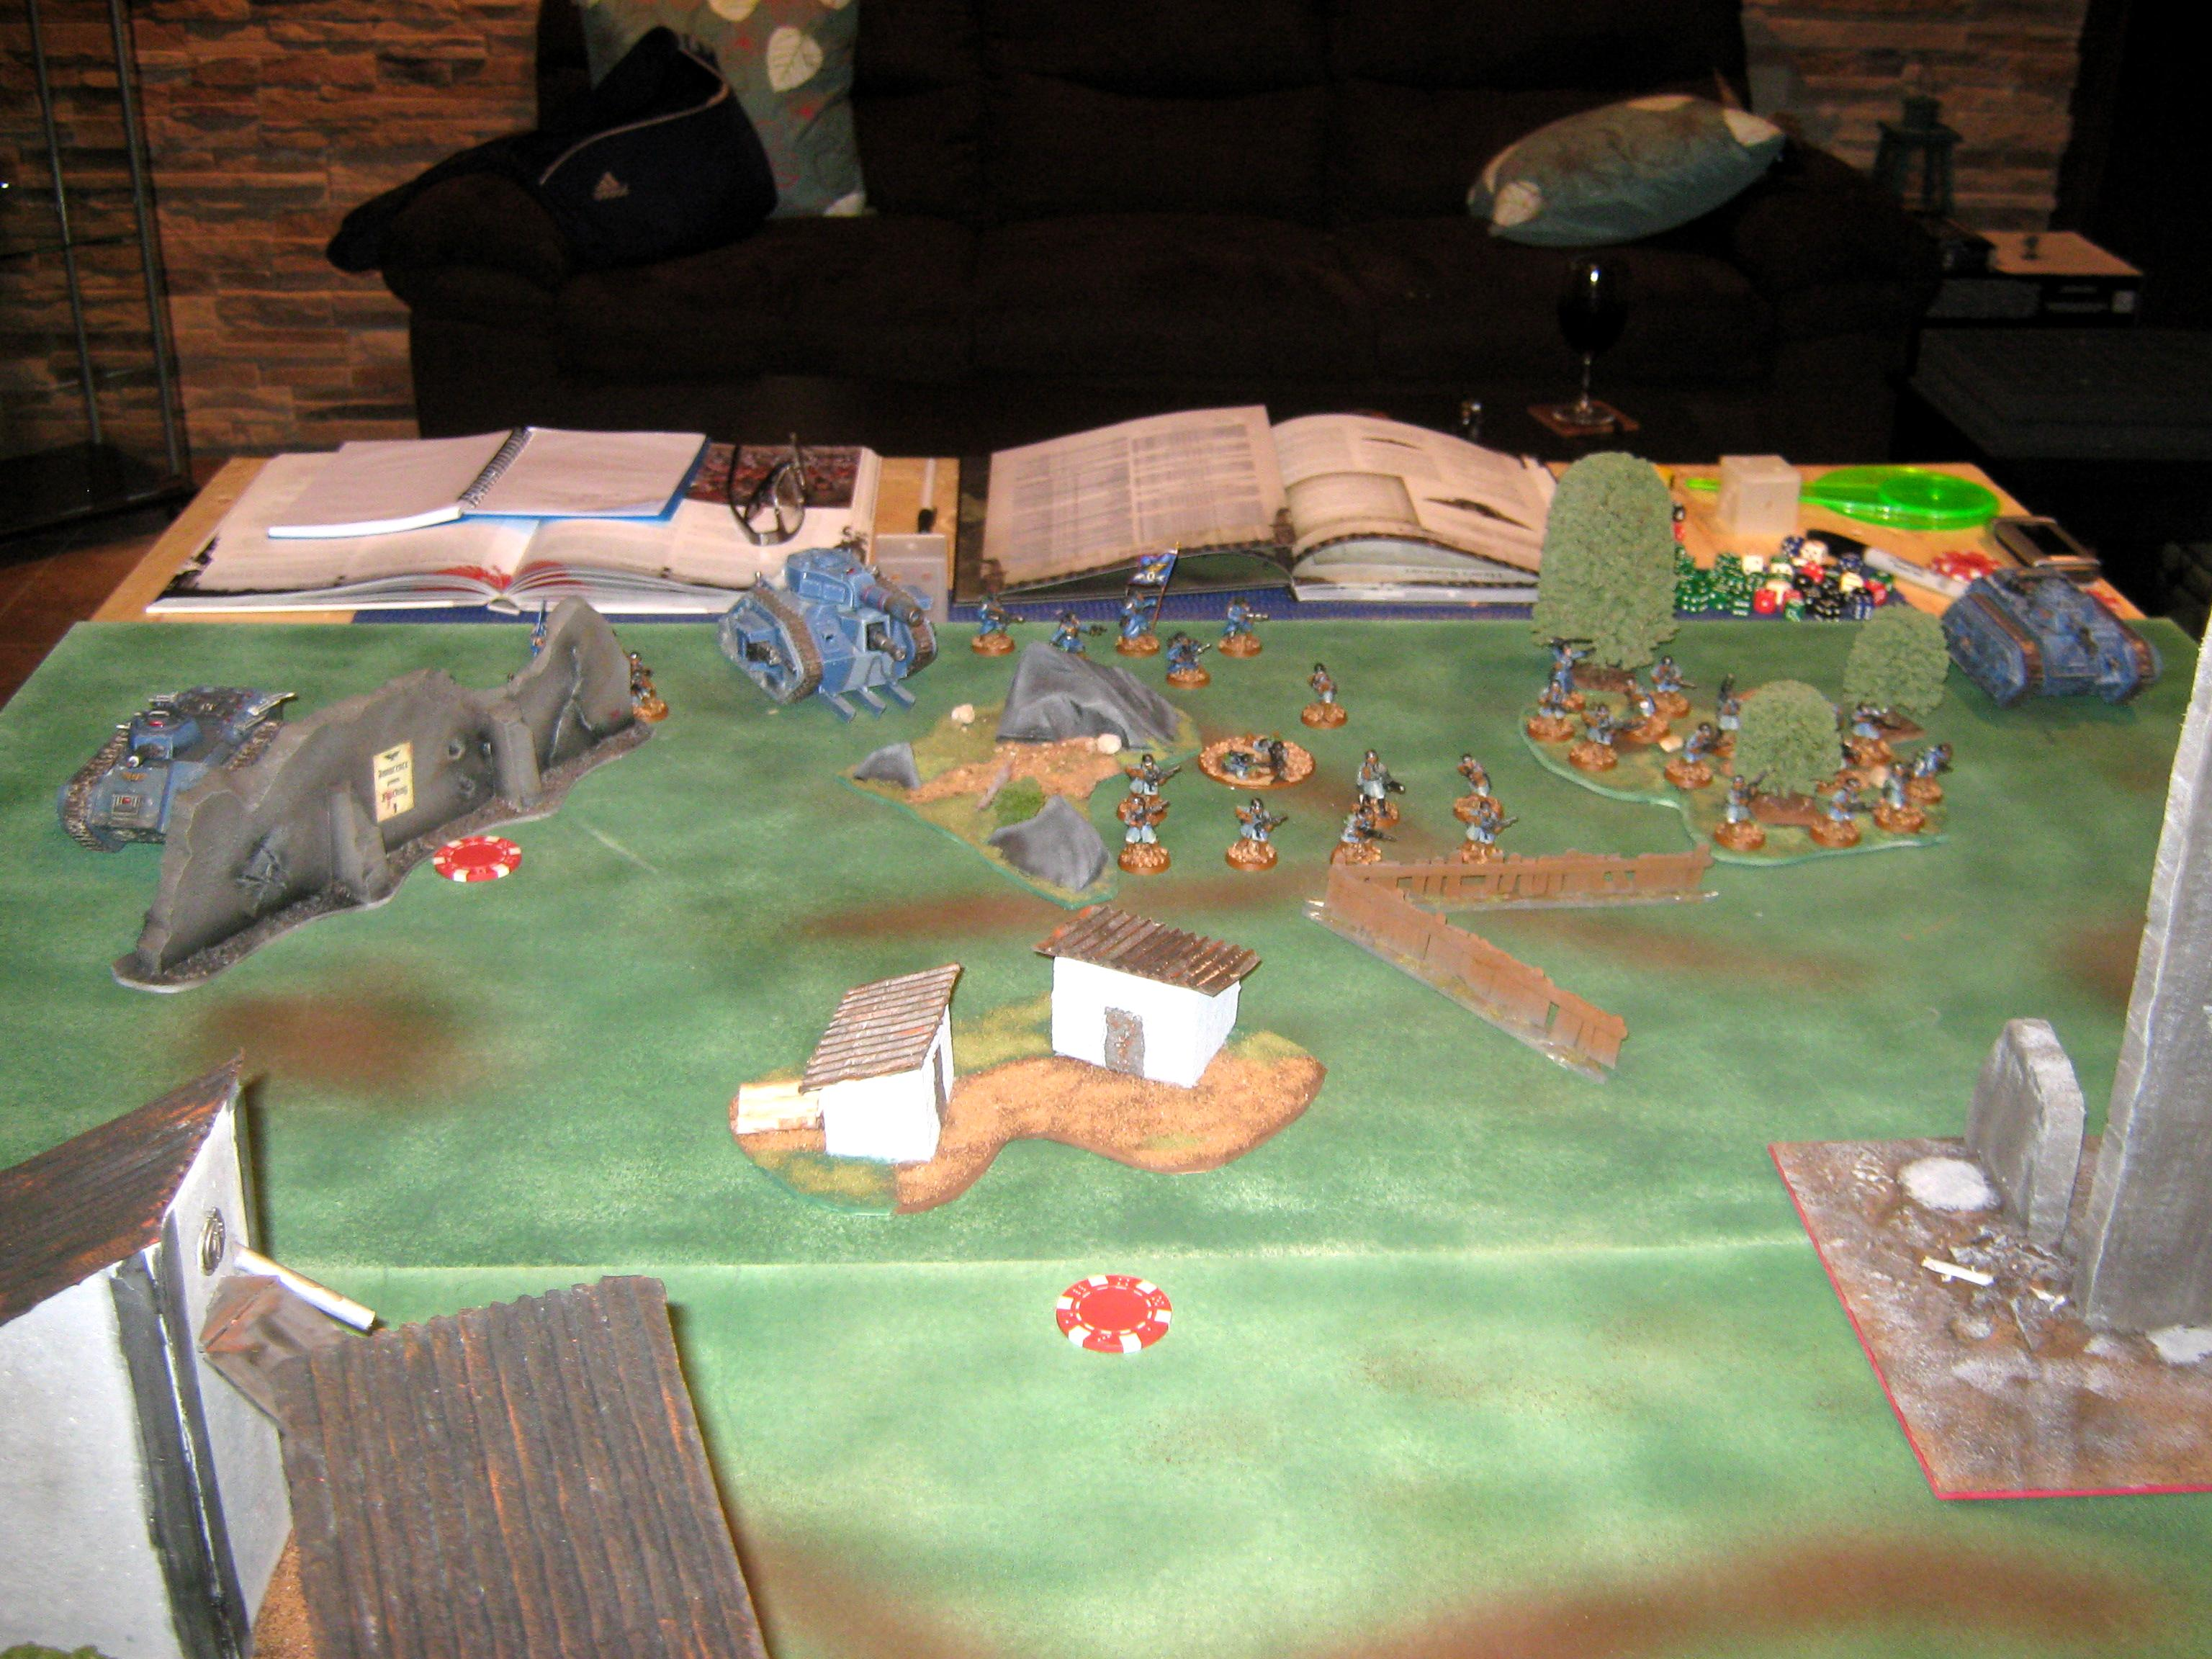 Astra Militarum, Battle, Battle Report, Diorama, Game, Imperial Guard, Imperium, In-game, Steel Legion, Warhammer 40,000, Warhammer Fantasy